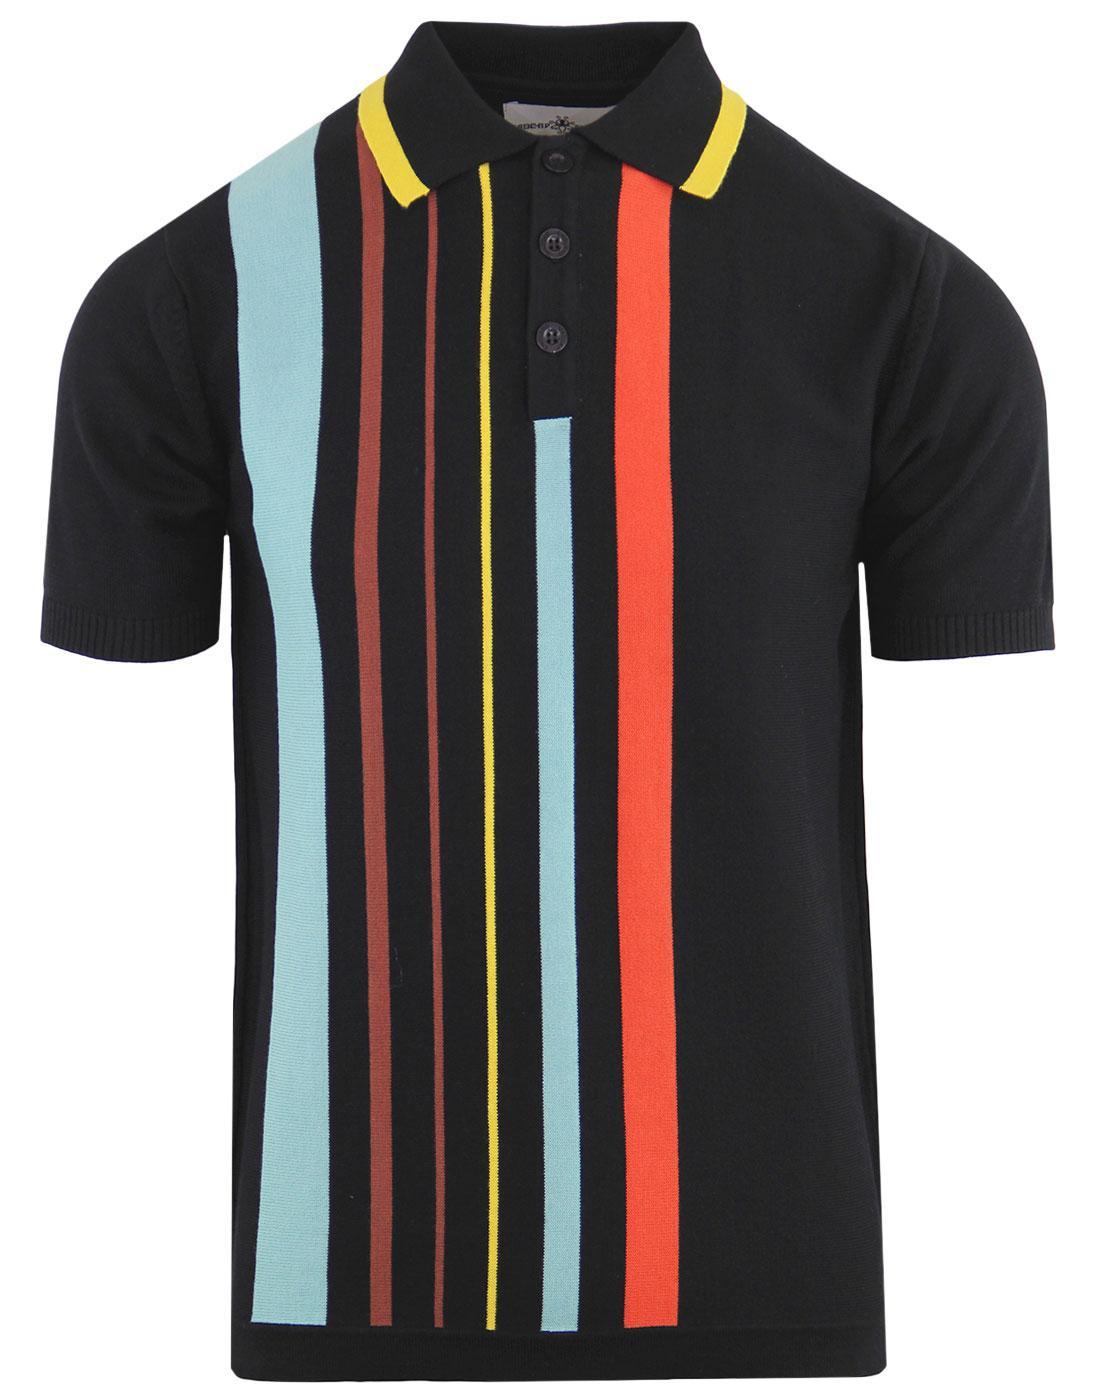 madcap england bauhaus retro mod stripe polo black